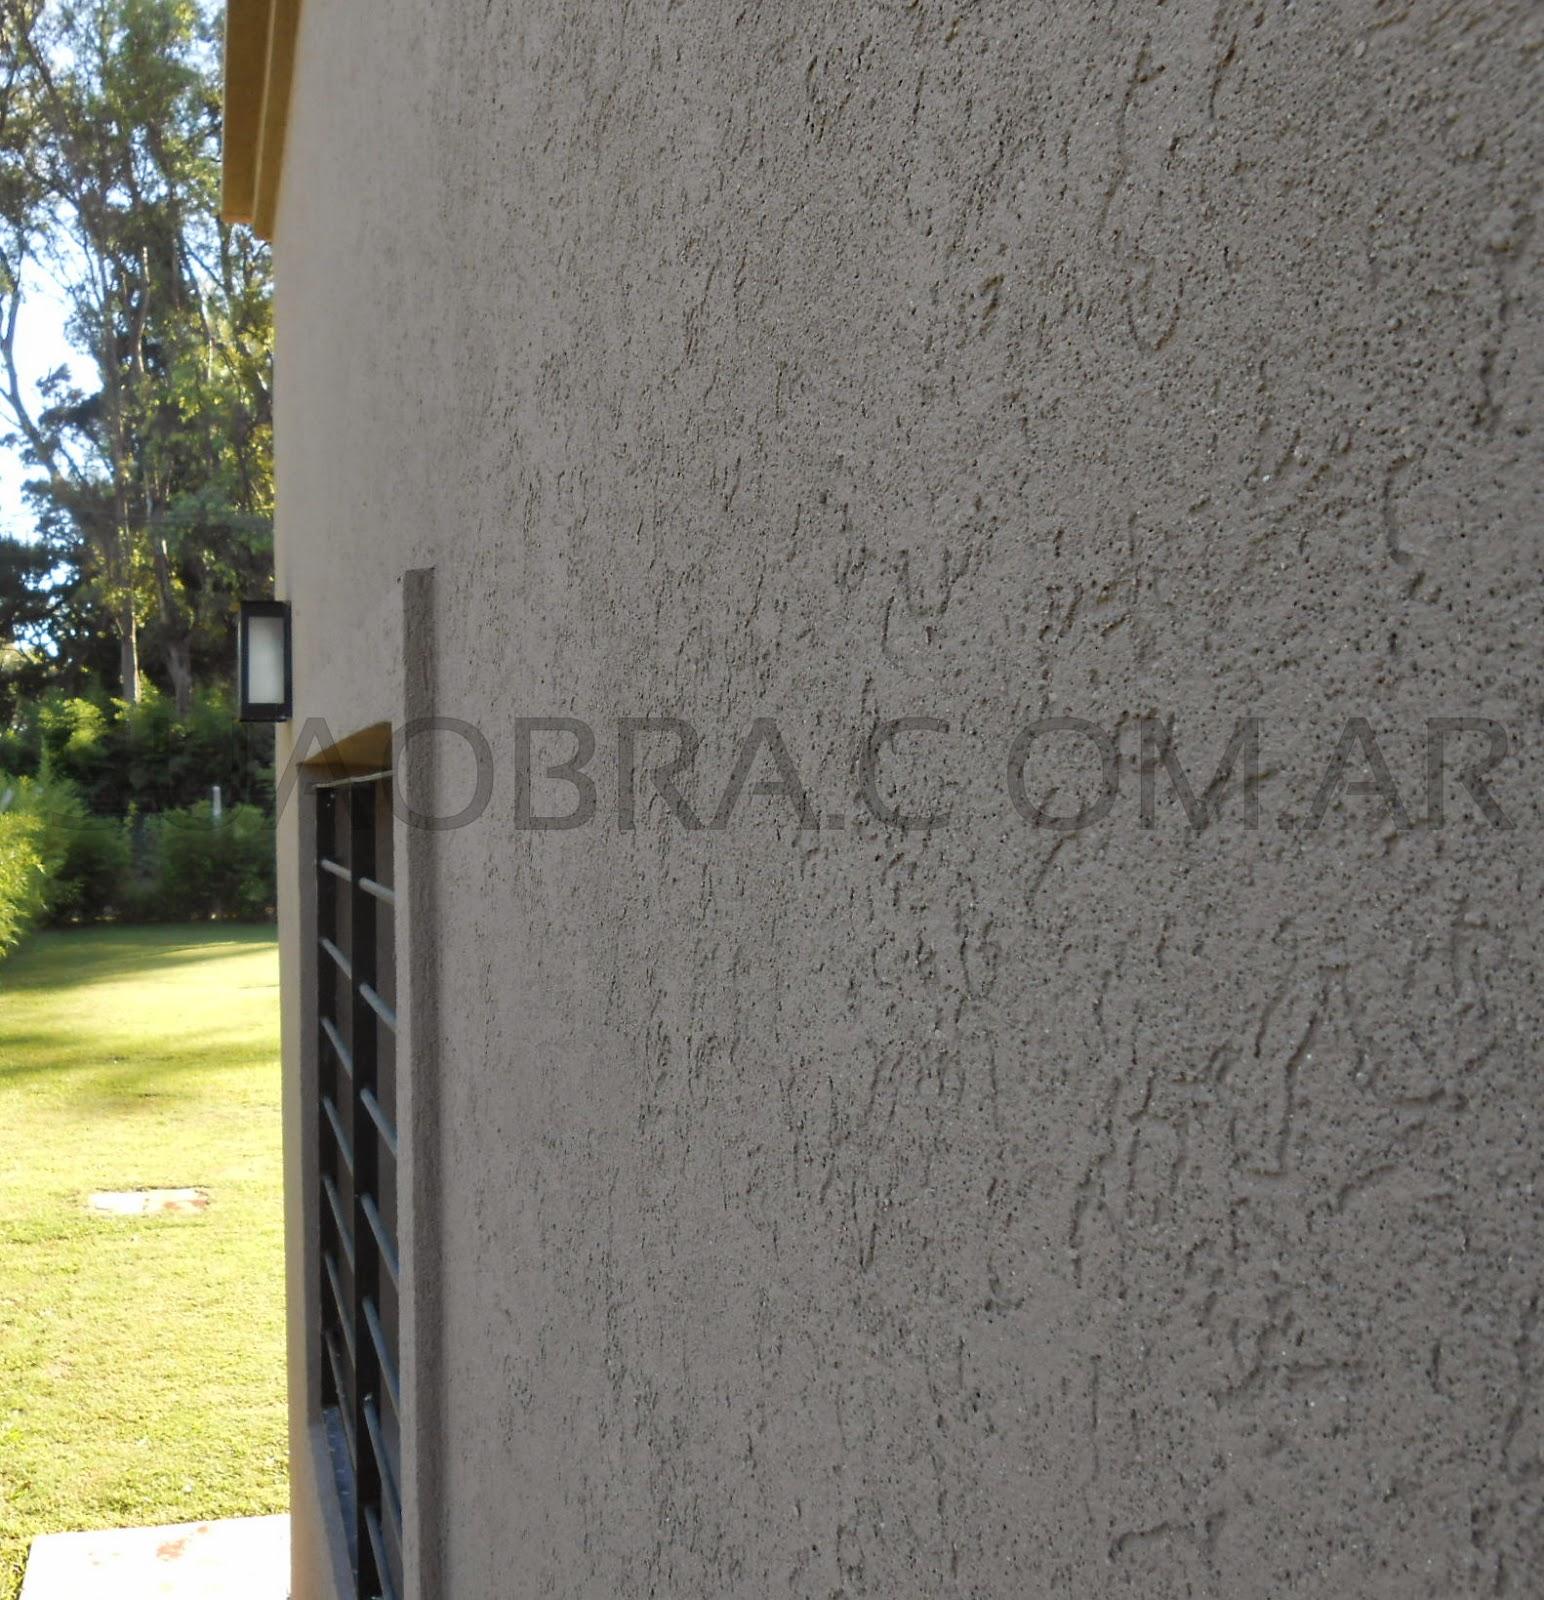 Colocacion profesional tarquini suaobra com ar revestimientos plasticos para paredes - Tipos de revestimientos exteriores ...